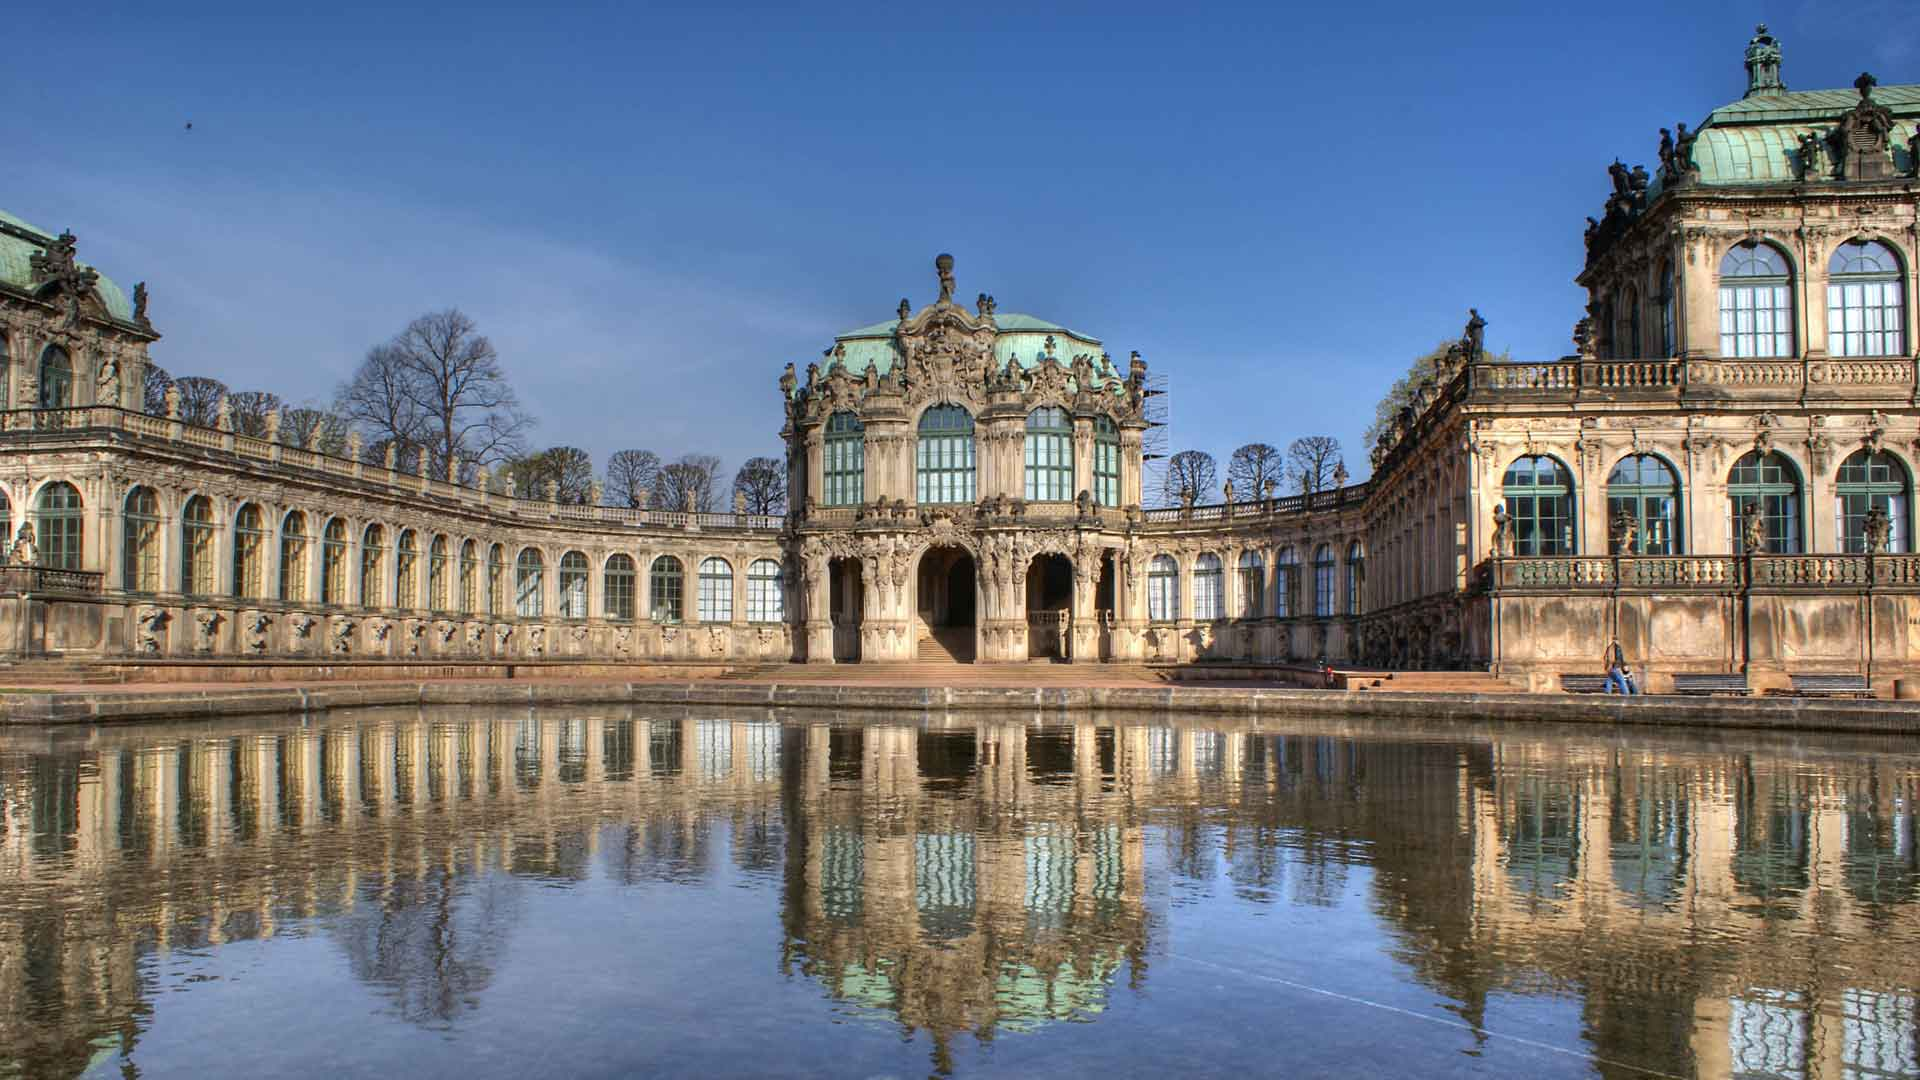 De barokke Zwinger in Dresden.